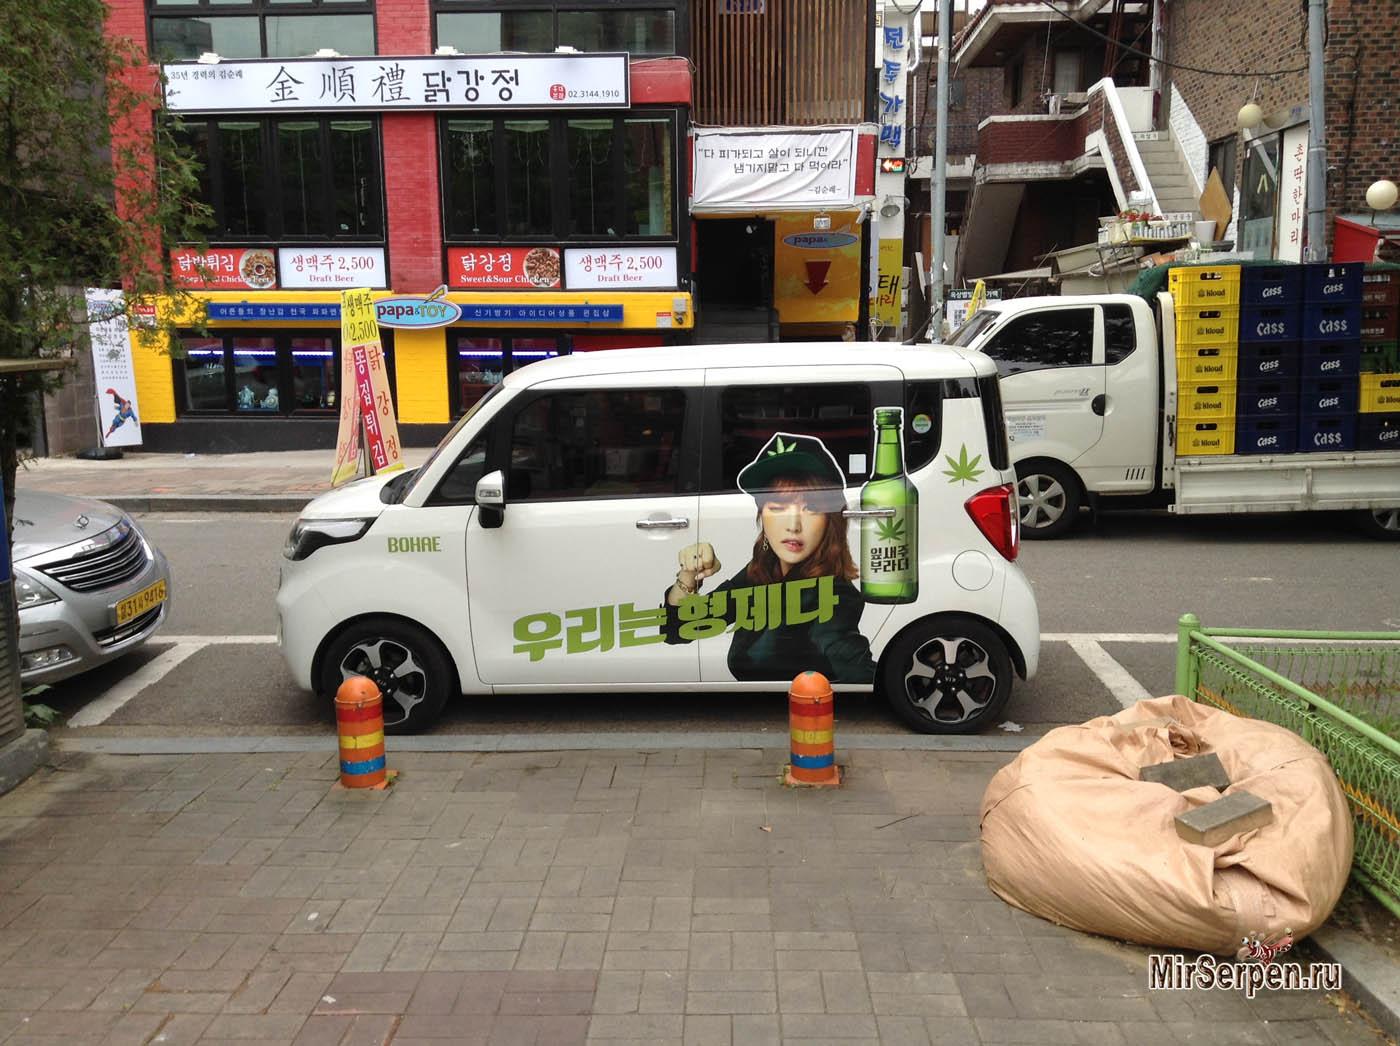 Photo of Корейцы, корейская кухня и нездоровый образ жизни